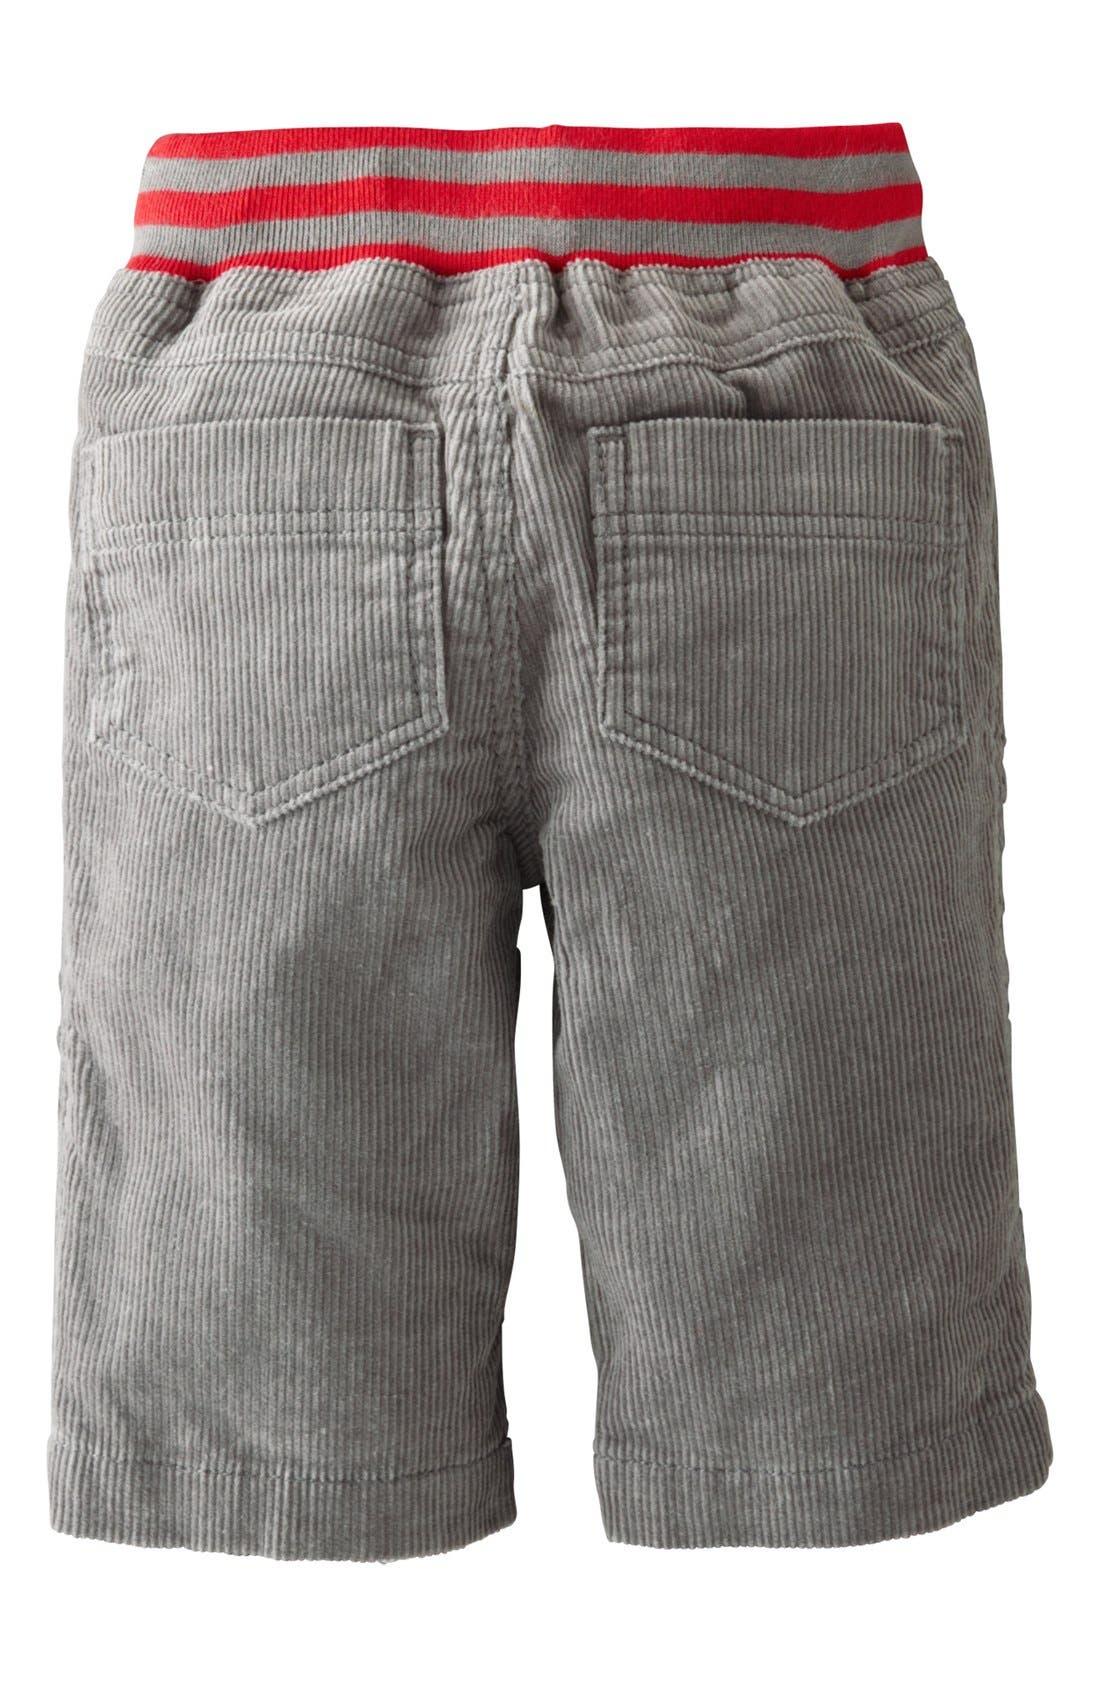 Alternate Image 2  - Mini Boden 'Star Patch' Pants (Baby Boys)